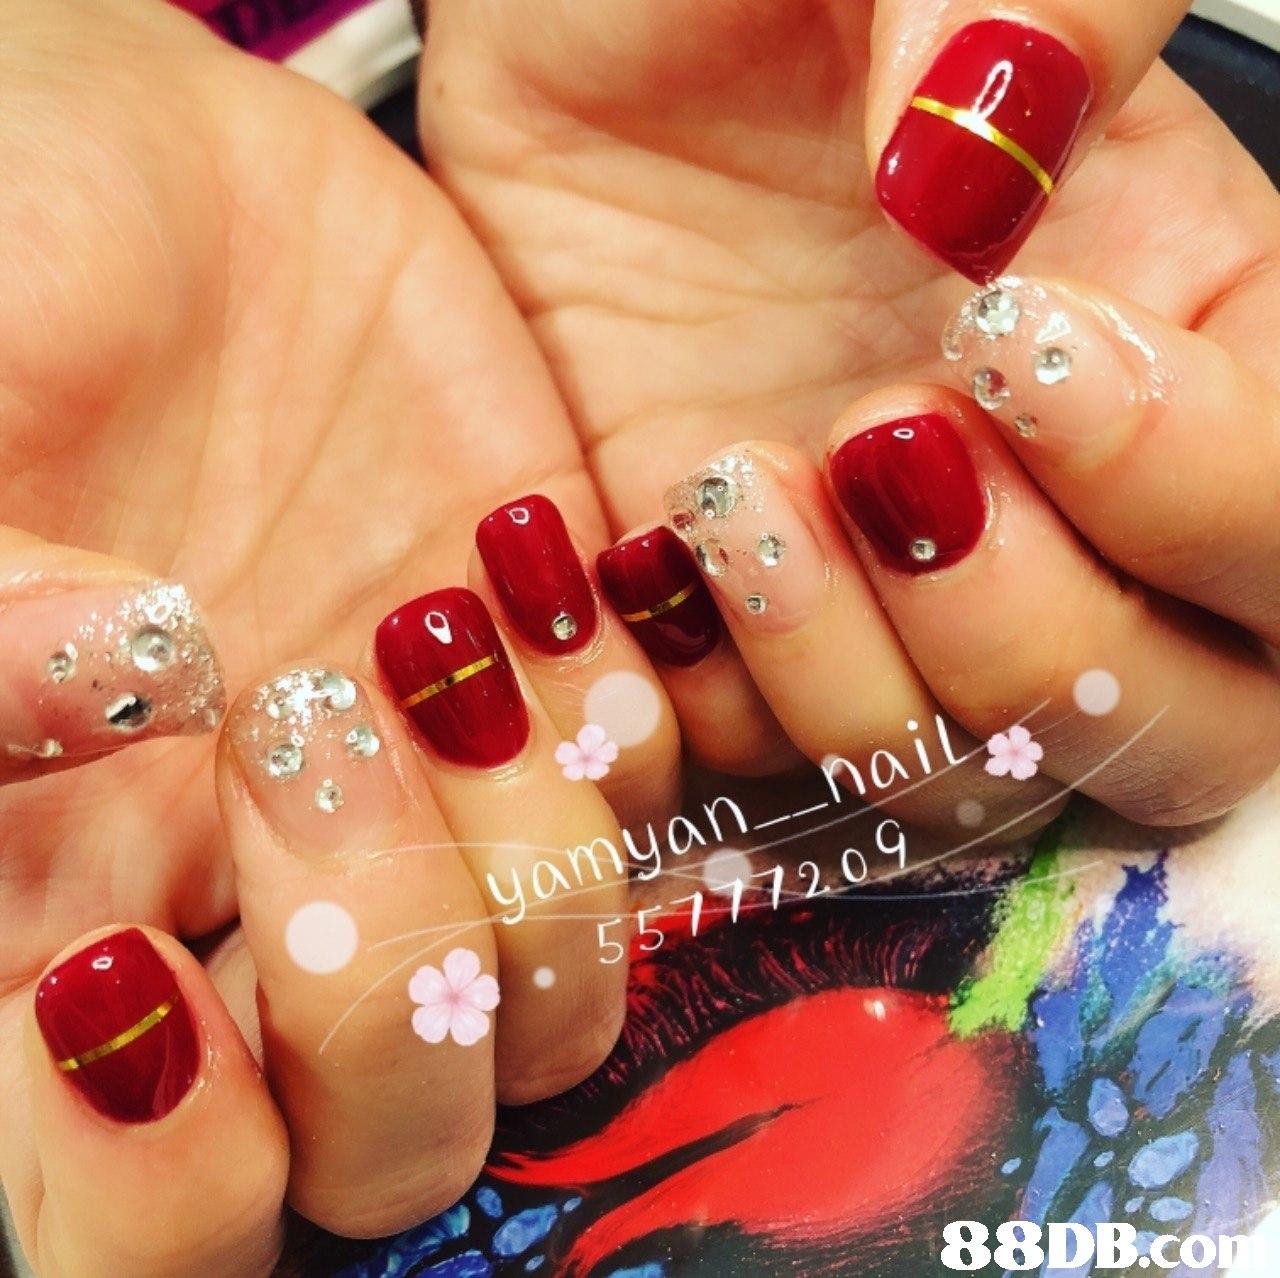 0 88DB.co  Nail polish,Manicure,Nail,Nail care,Finger